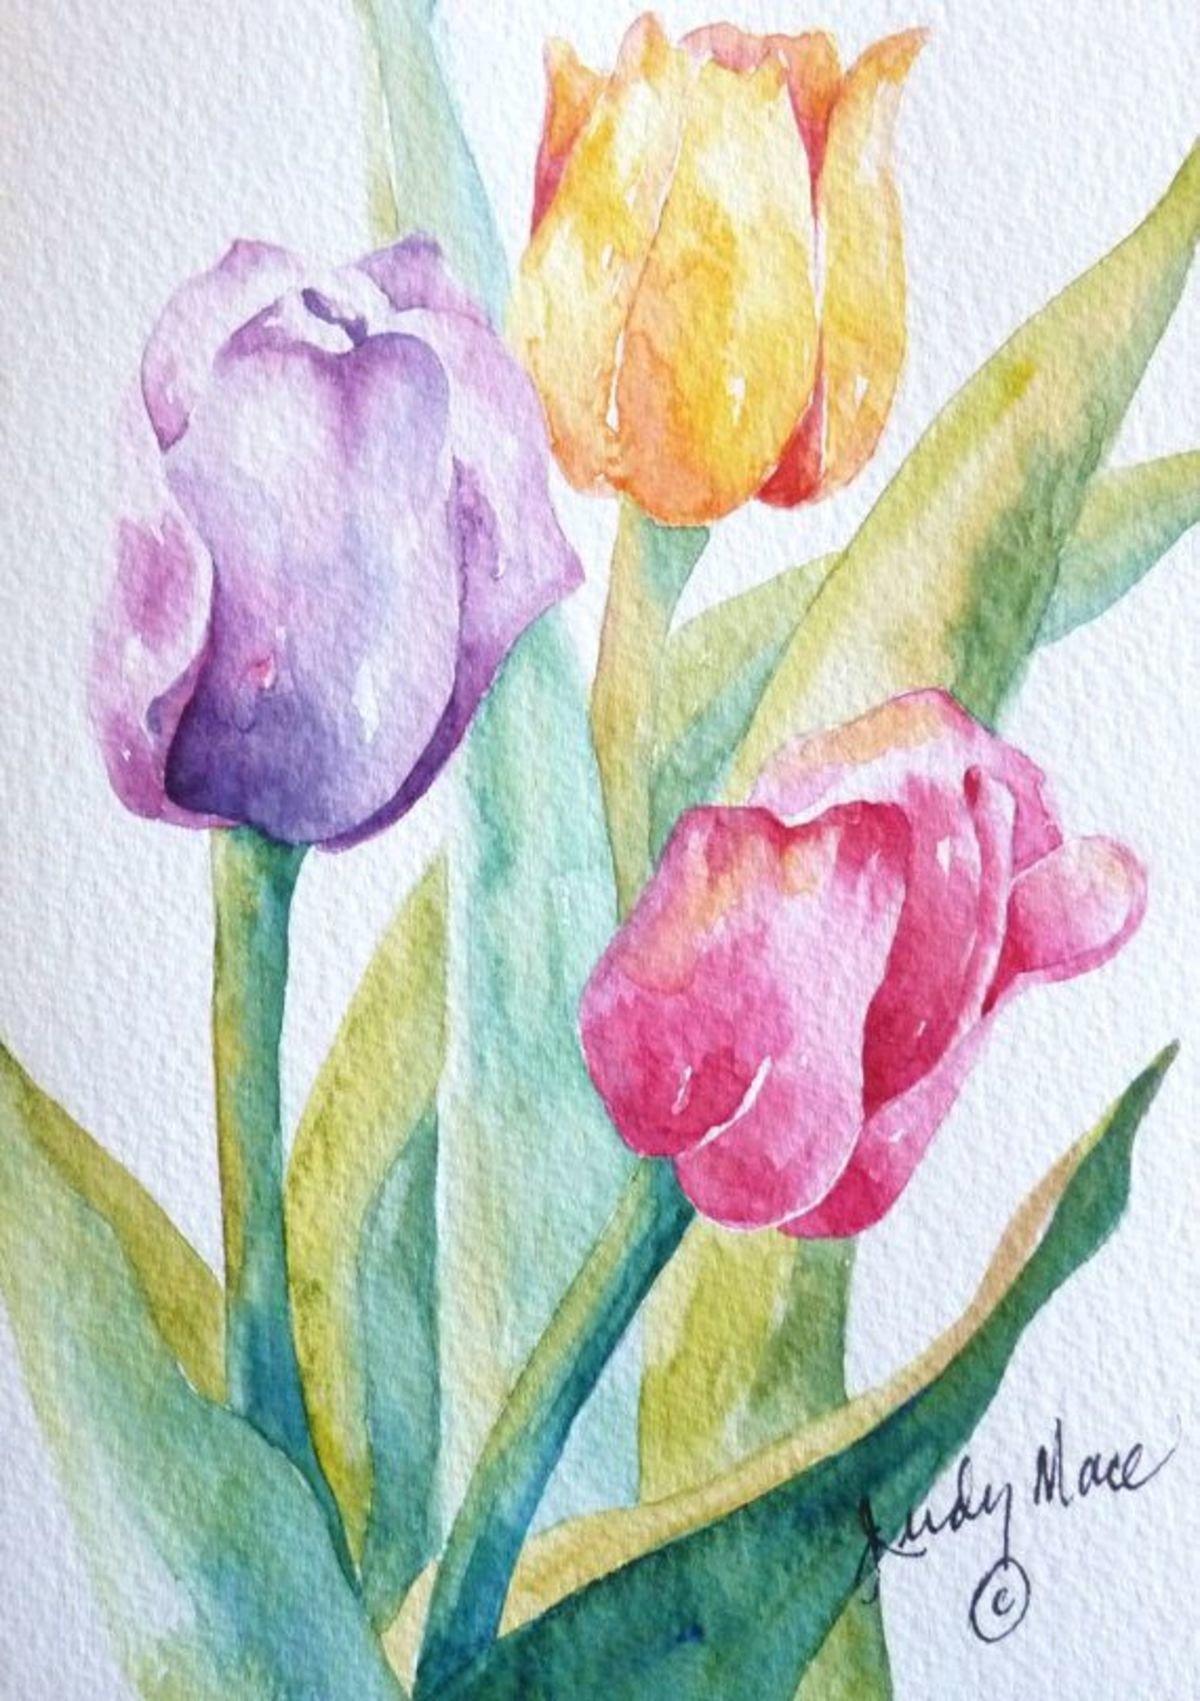 Тортов юбилеем, открытка нарисованные тюльпаны